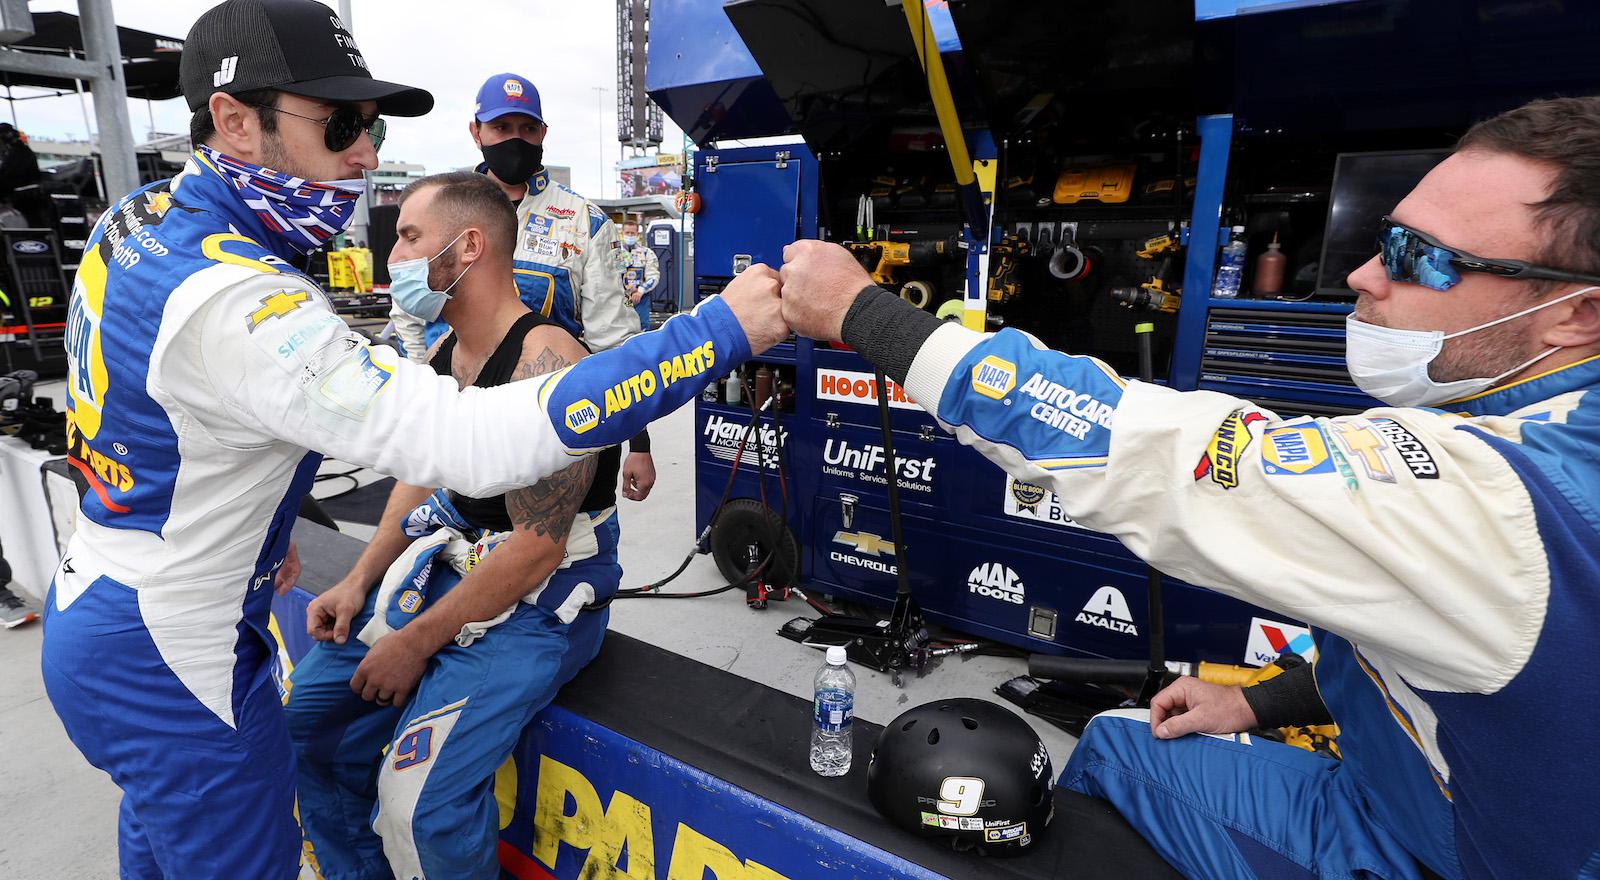 NASCAR's Truck Series returning to The Glen for tripleheader